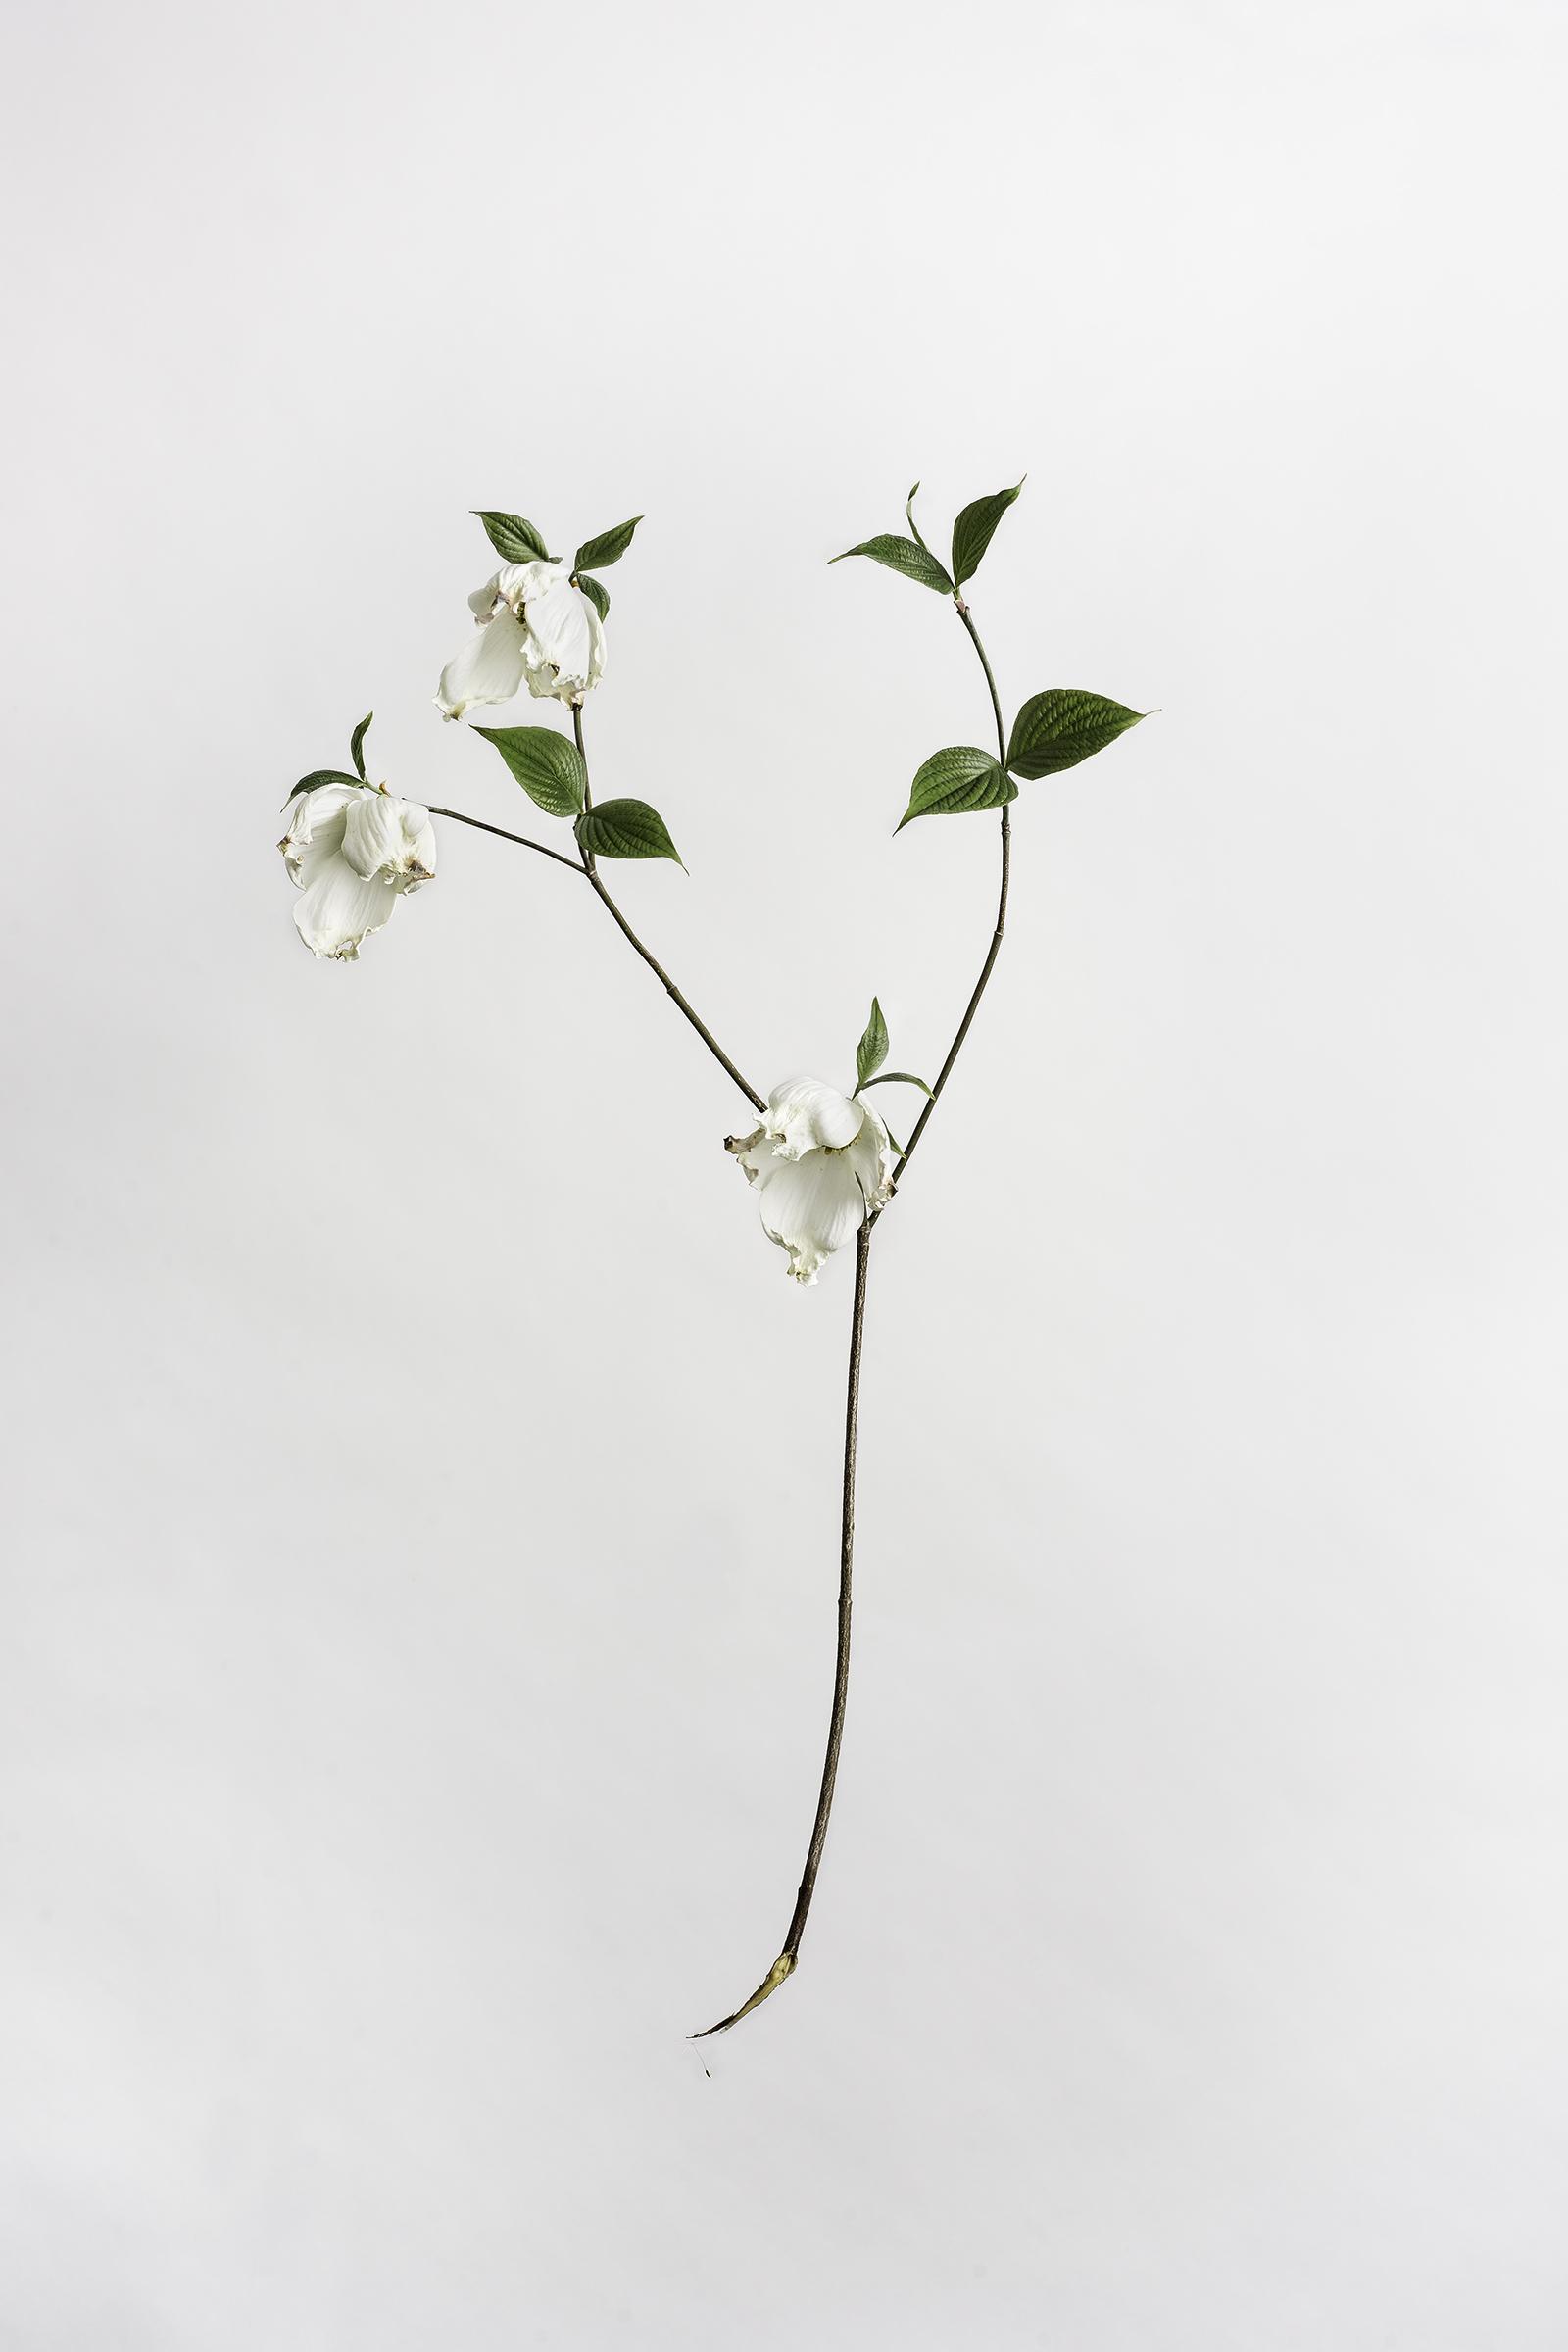 Cornus florida - Flowering Dogwood Tree